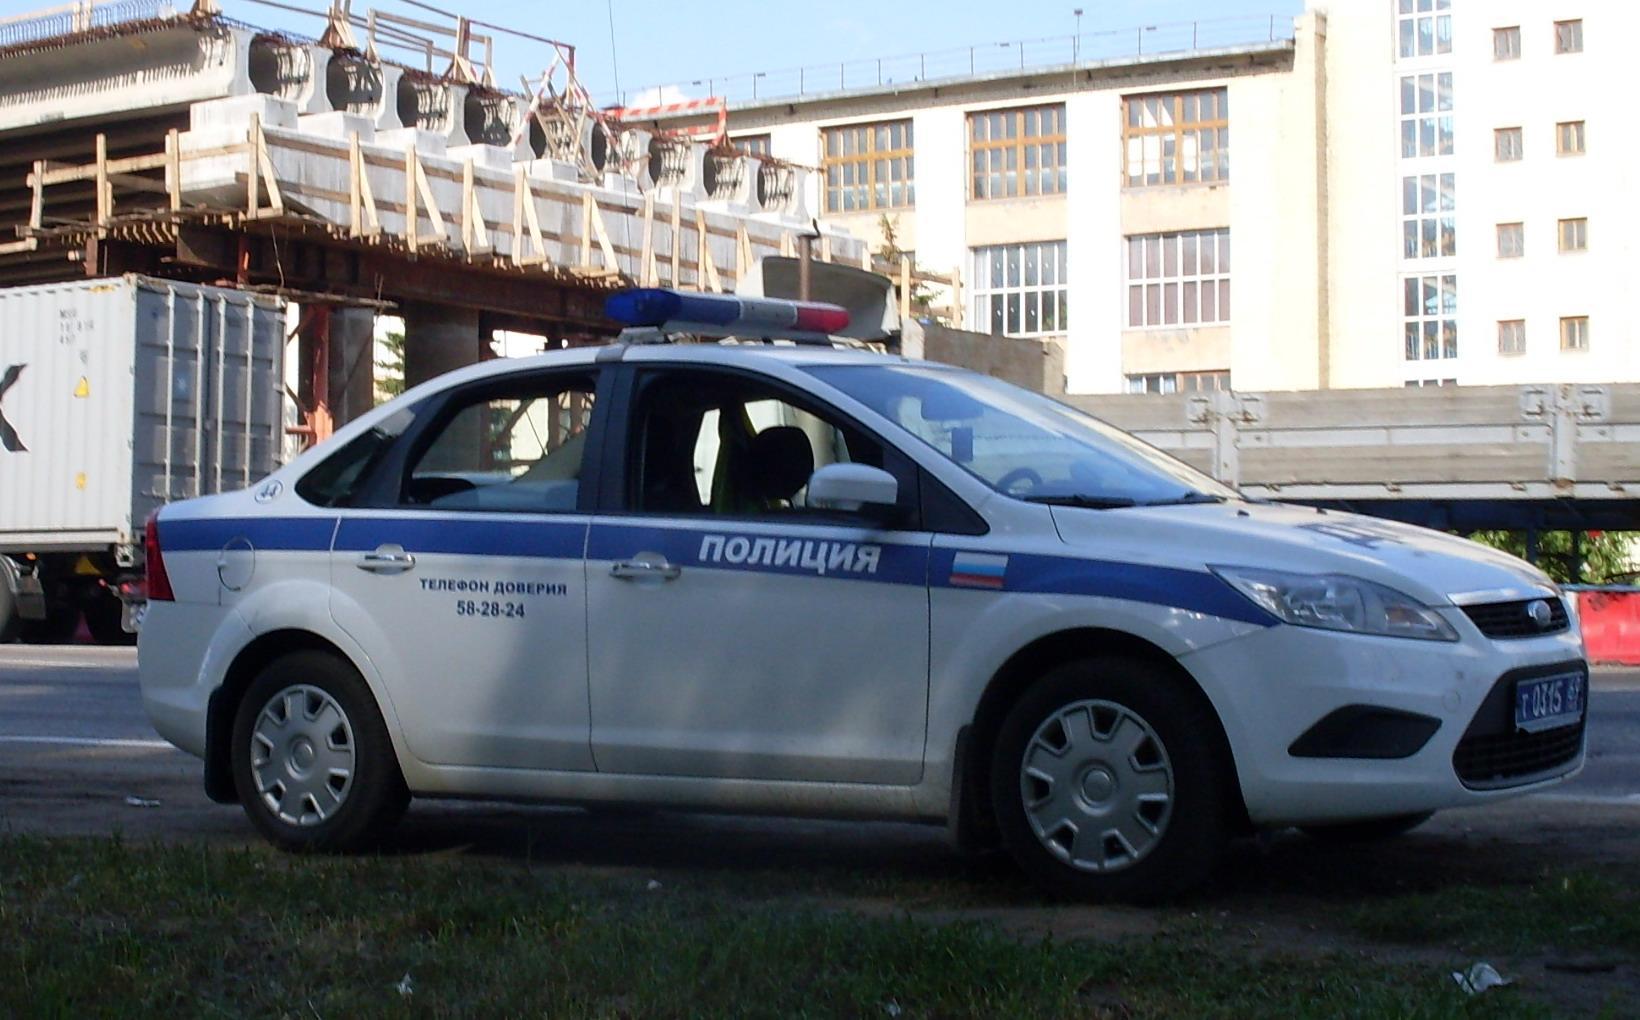 ВЧелябинске вмусорном контейнере отыскали тело малыша